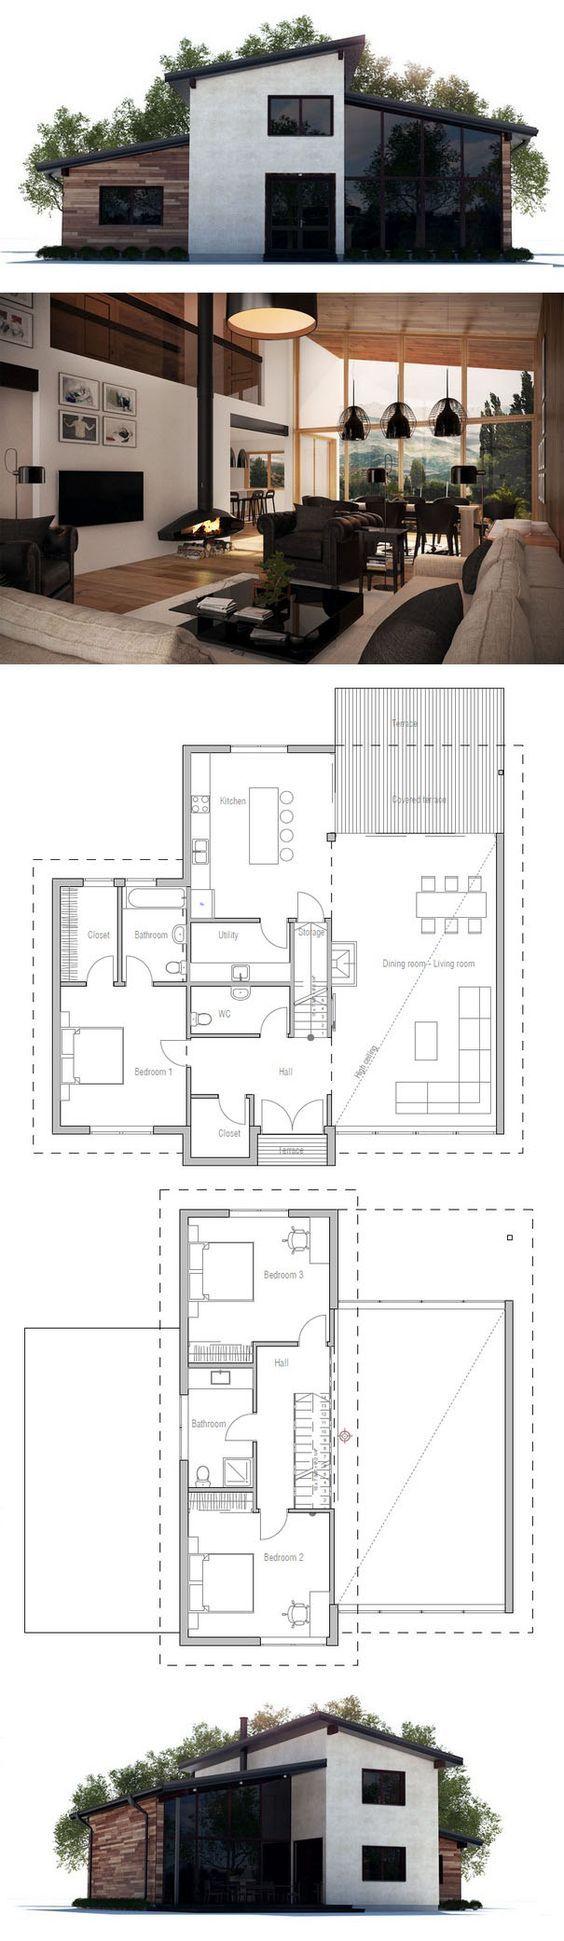 Hausplan, Hausidee   Mine   Pinterest   Grundrisse, Architektur Und Umbau  Scheune